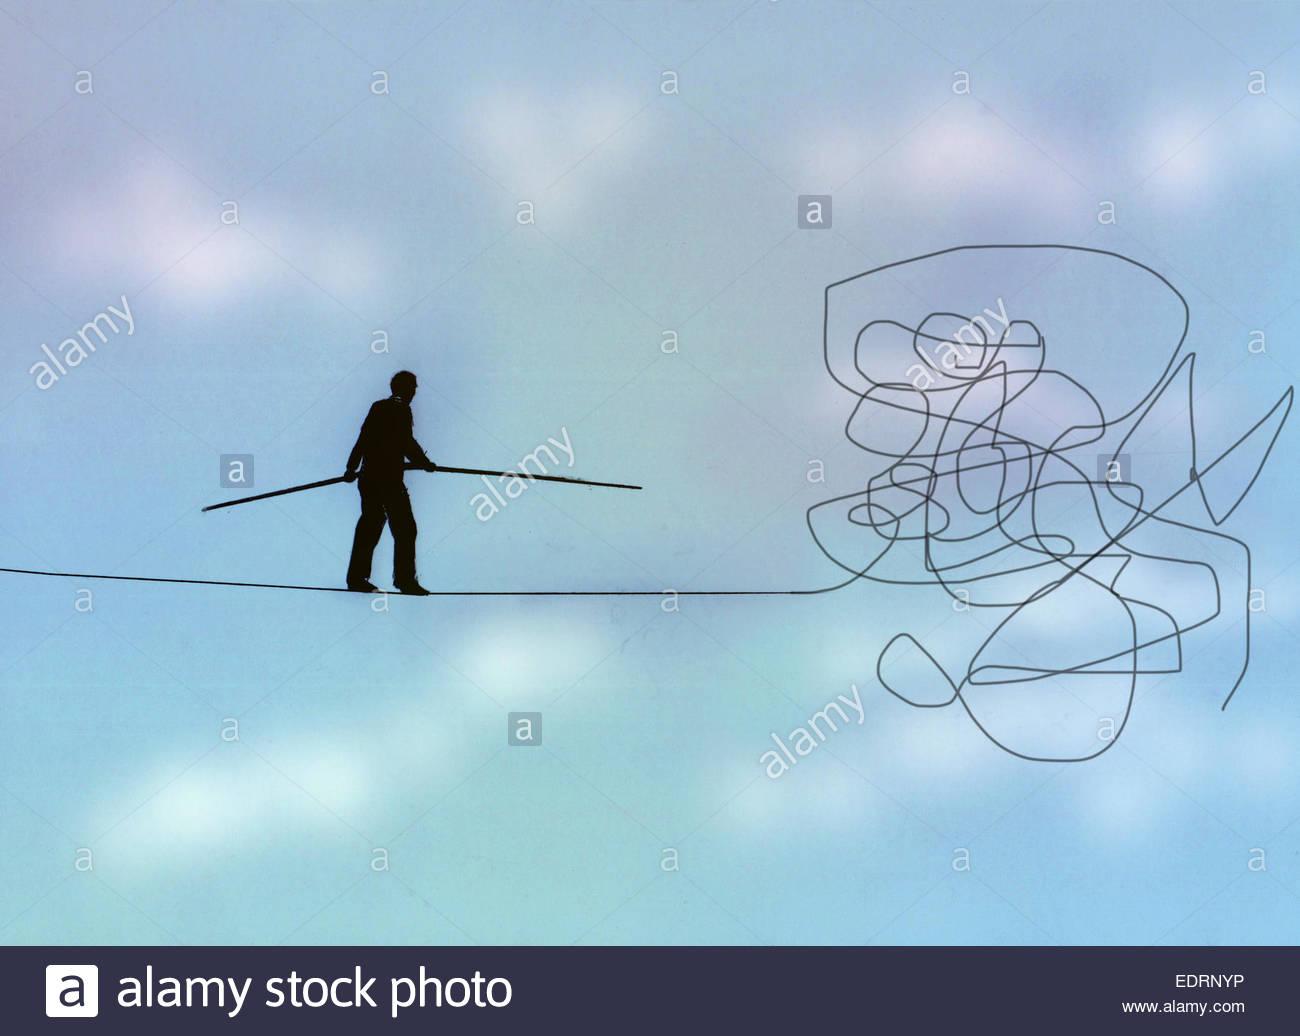 L uomo si avvicina sul nodo aggrovigliato tightrope Immagini Stock